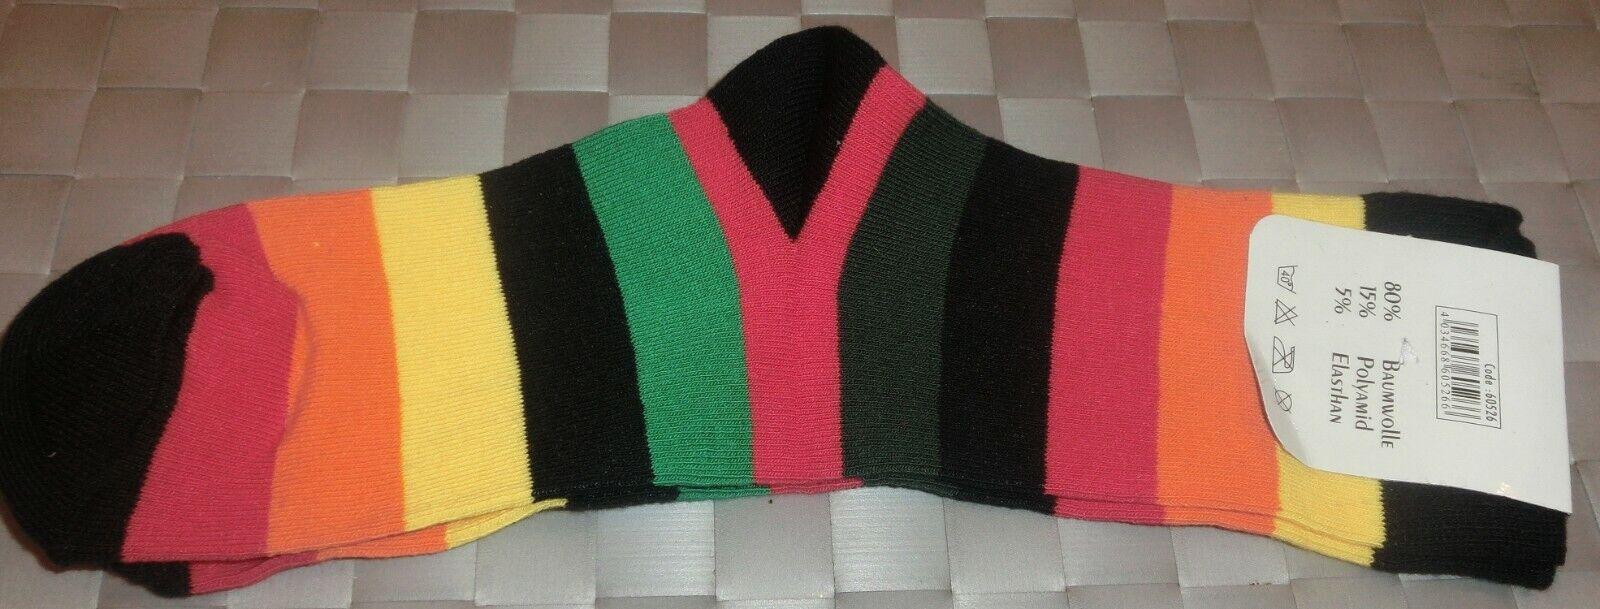 1 Paar bunt gestreifte Socken mit schwarzer Spitze, Ferse, Bündchen 35/38 NEU